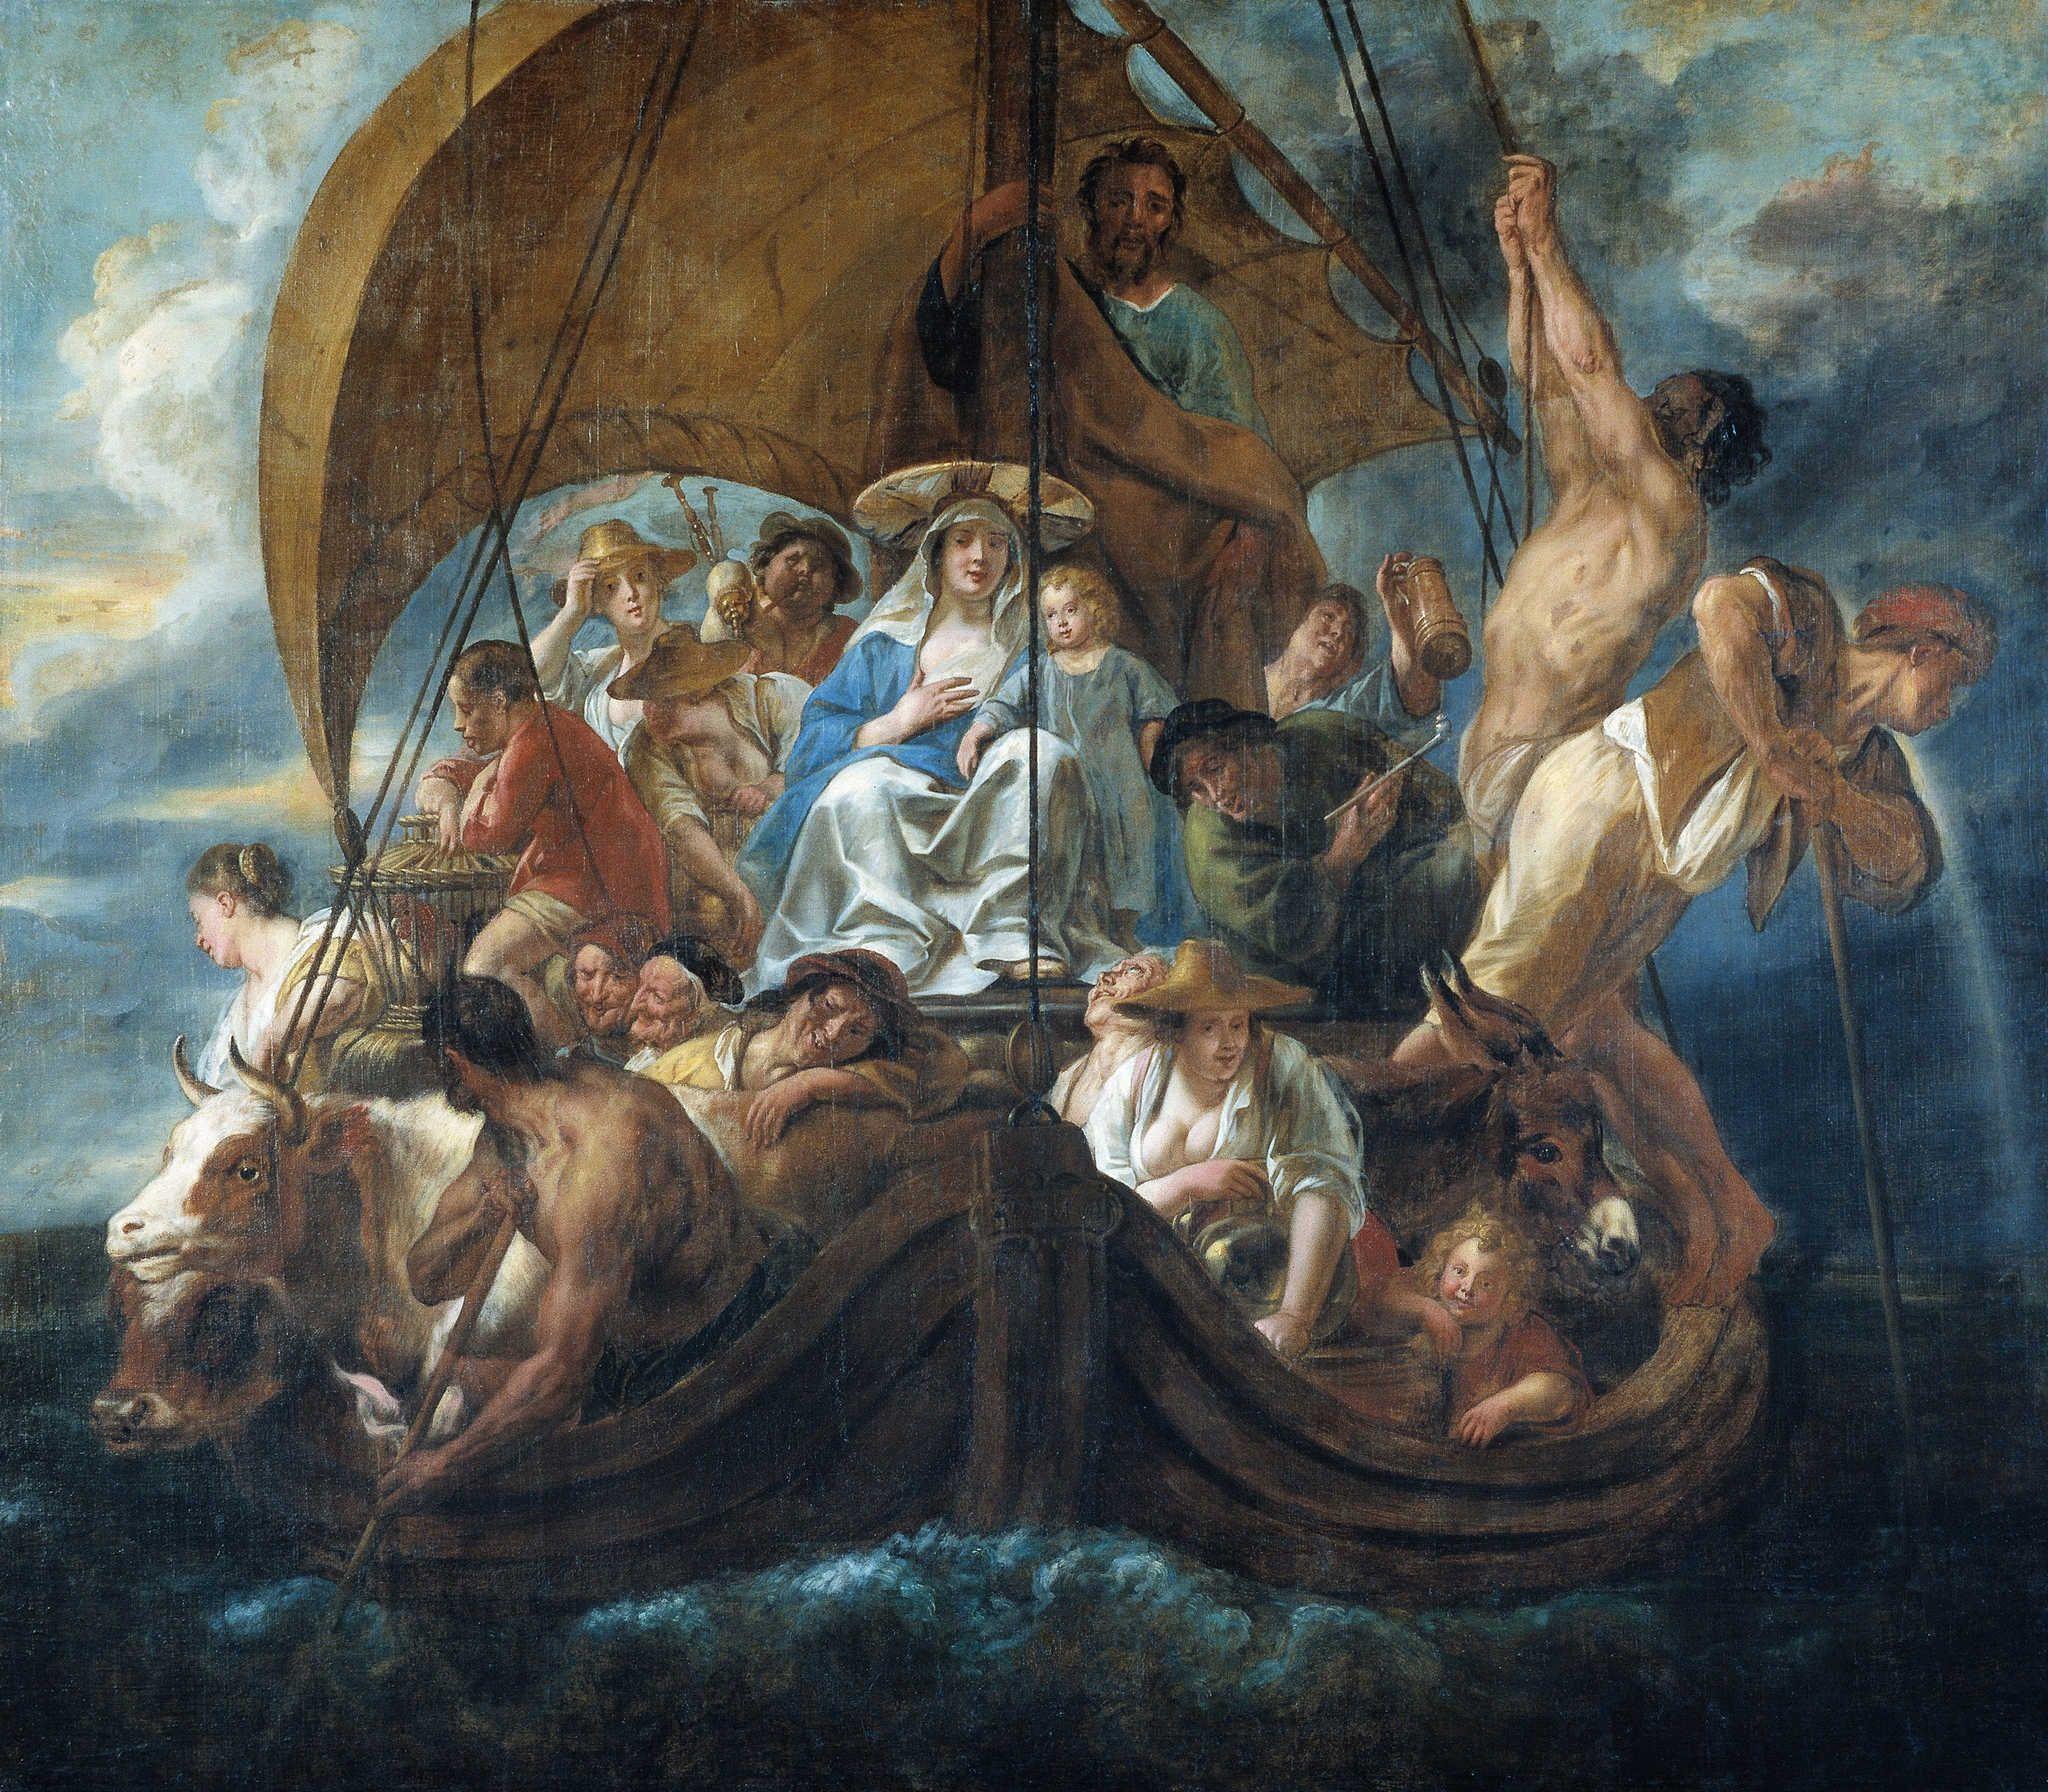 Йорданс Якоб. Святое семейство с людьми и животными в лодке. 1652